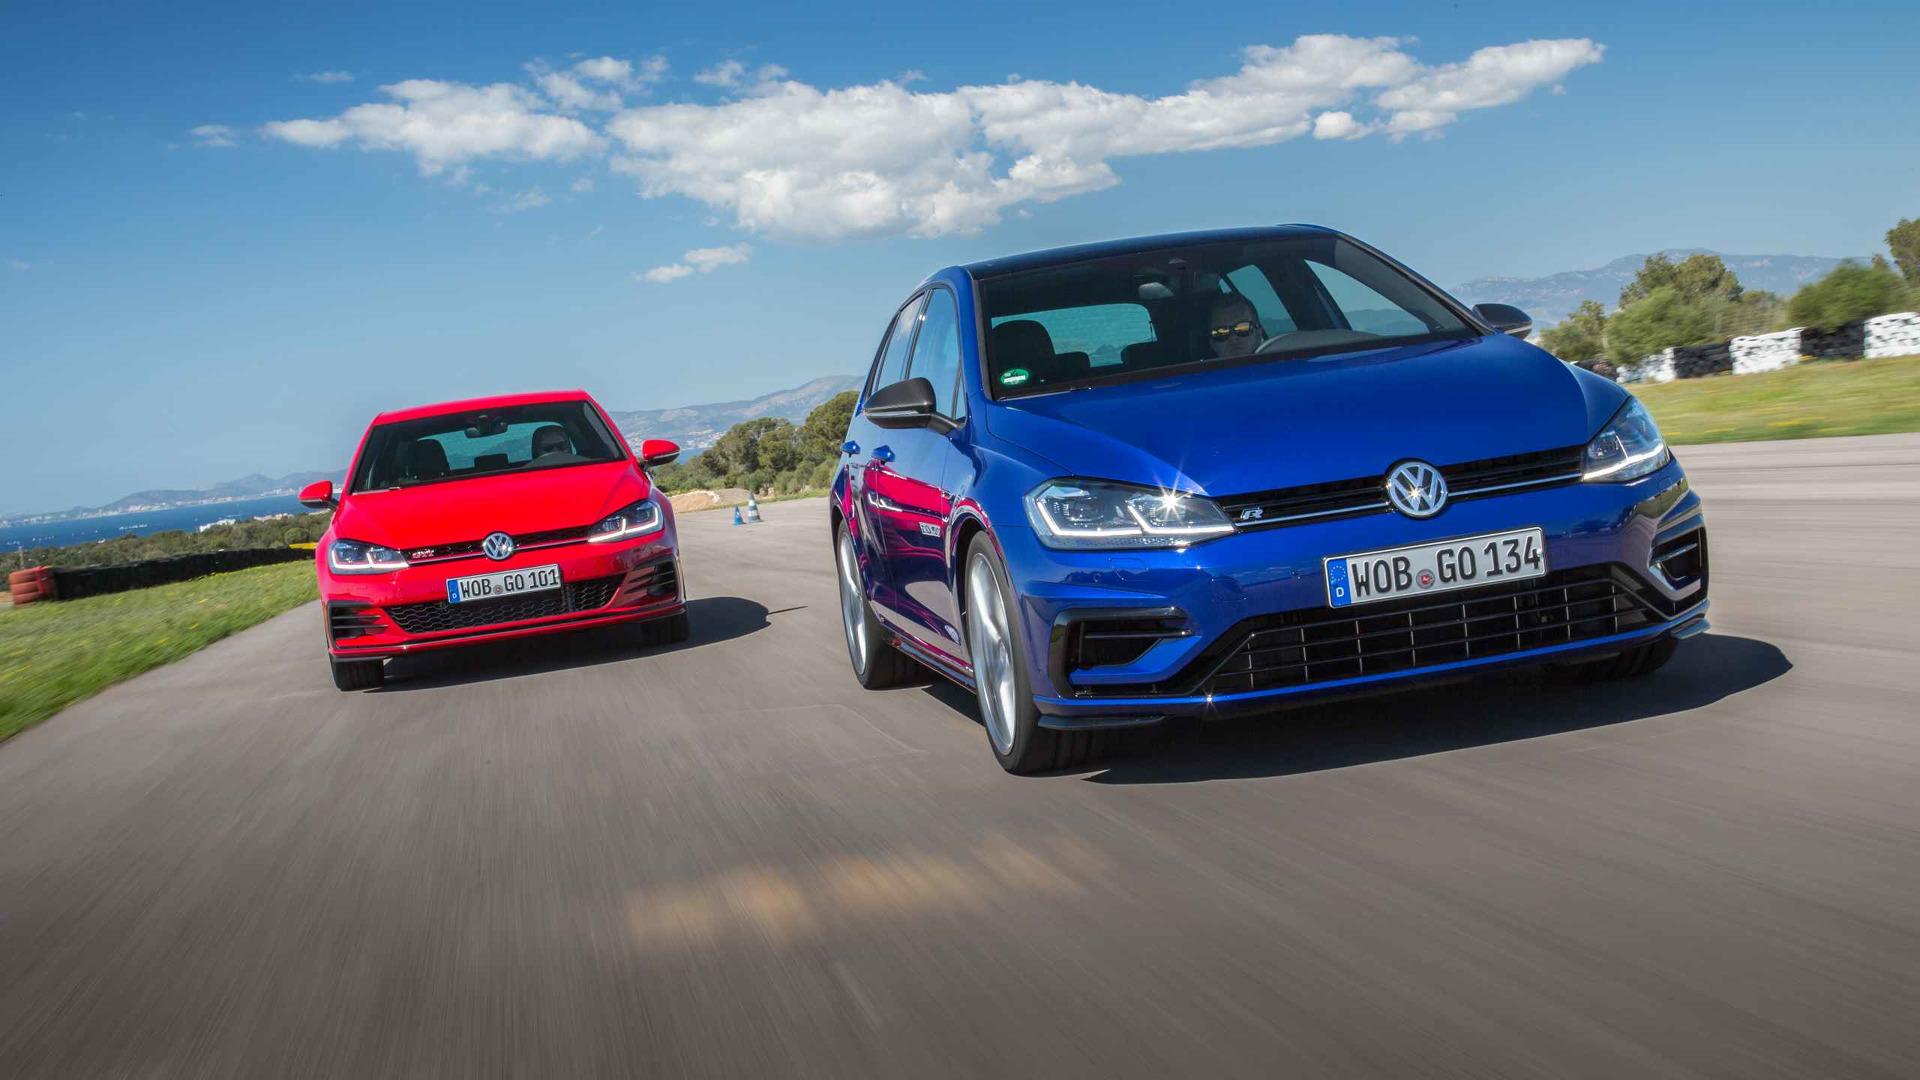 Volkswagen po prvi put u istoriji dostigao godišnju proizvodnju od 6 miliona jedinica